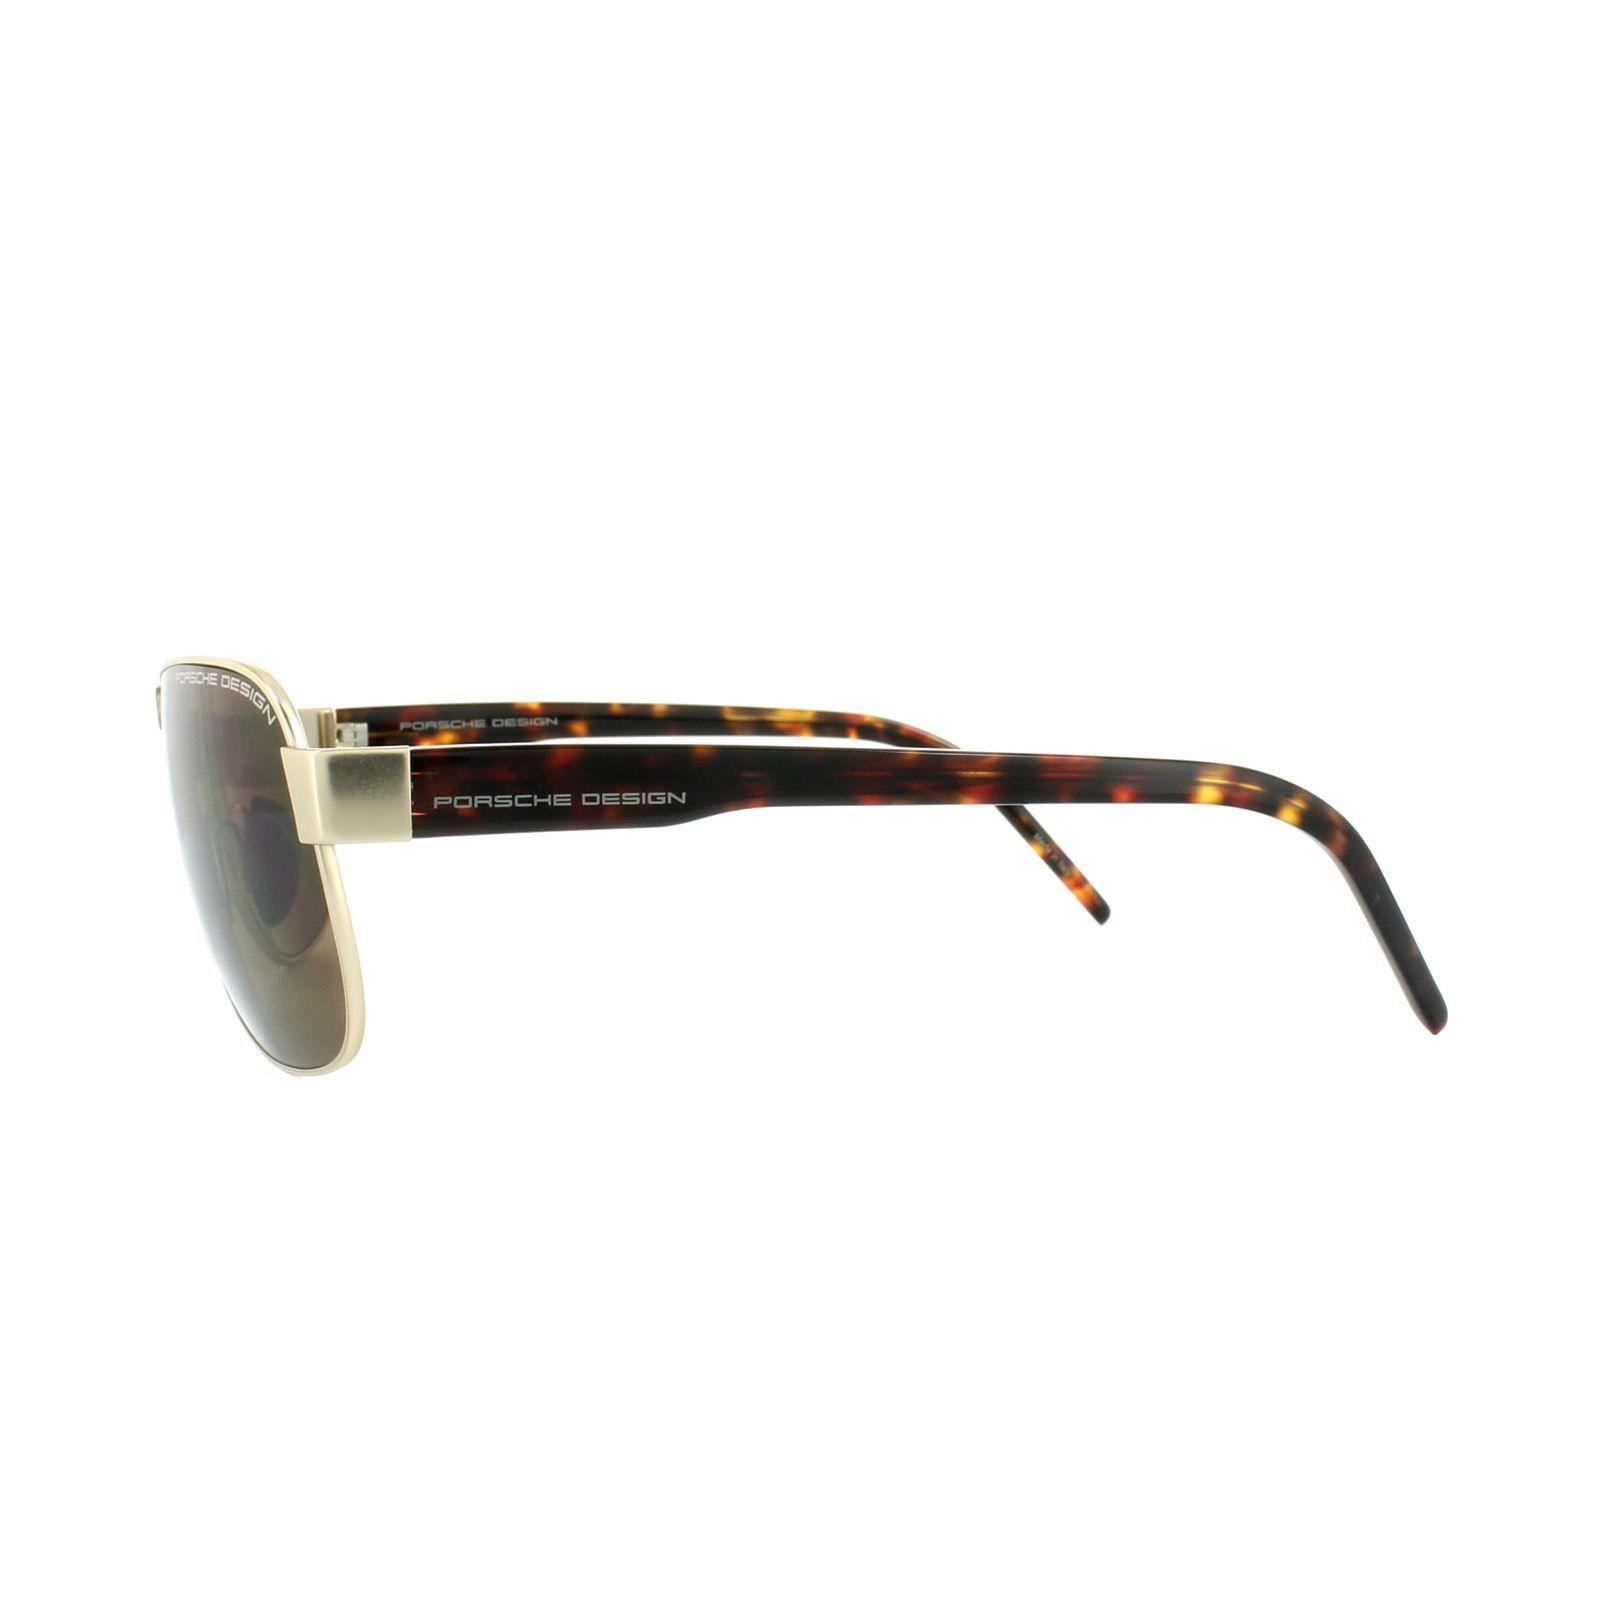 Porsche Design Sunglasses P8633 B Light Gold Havana Brown